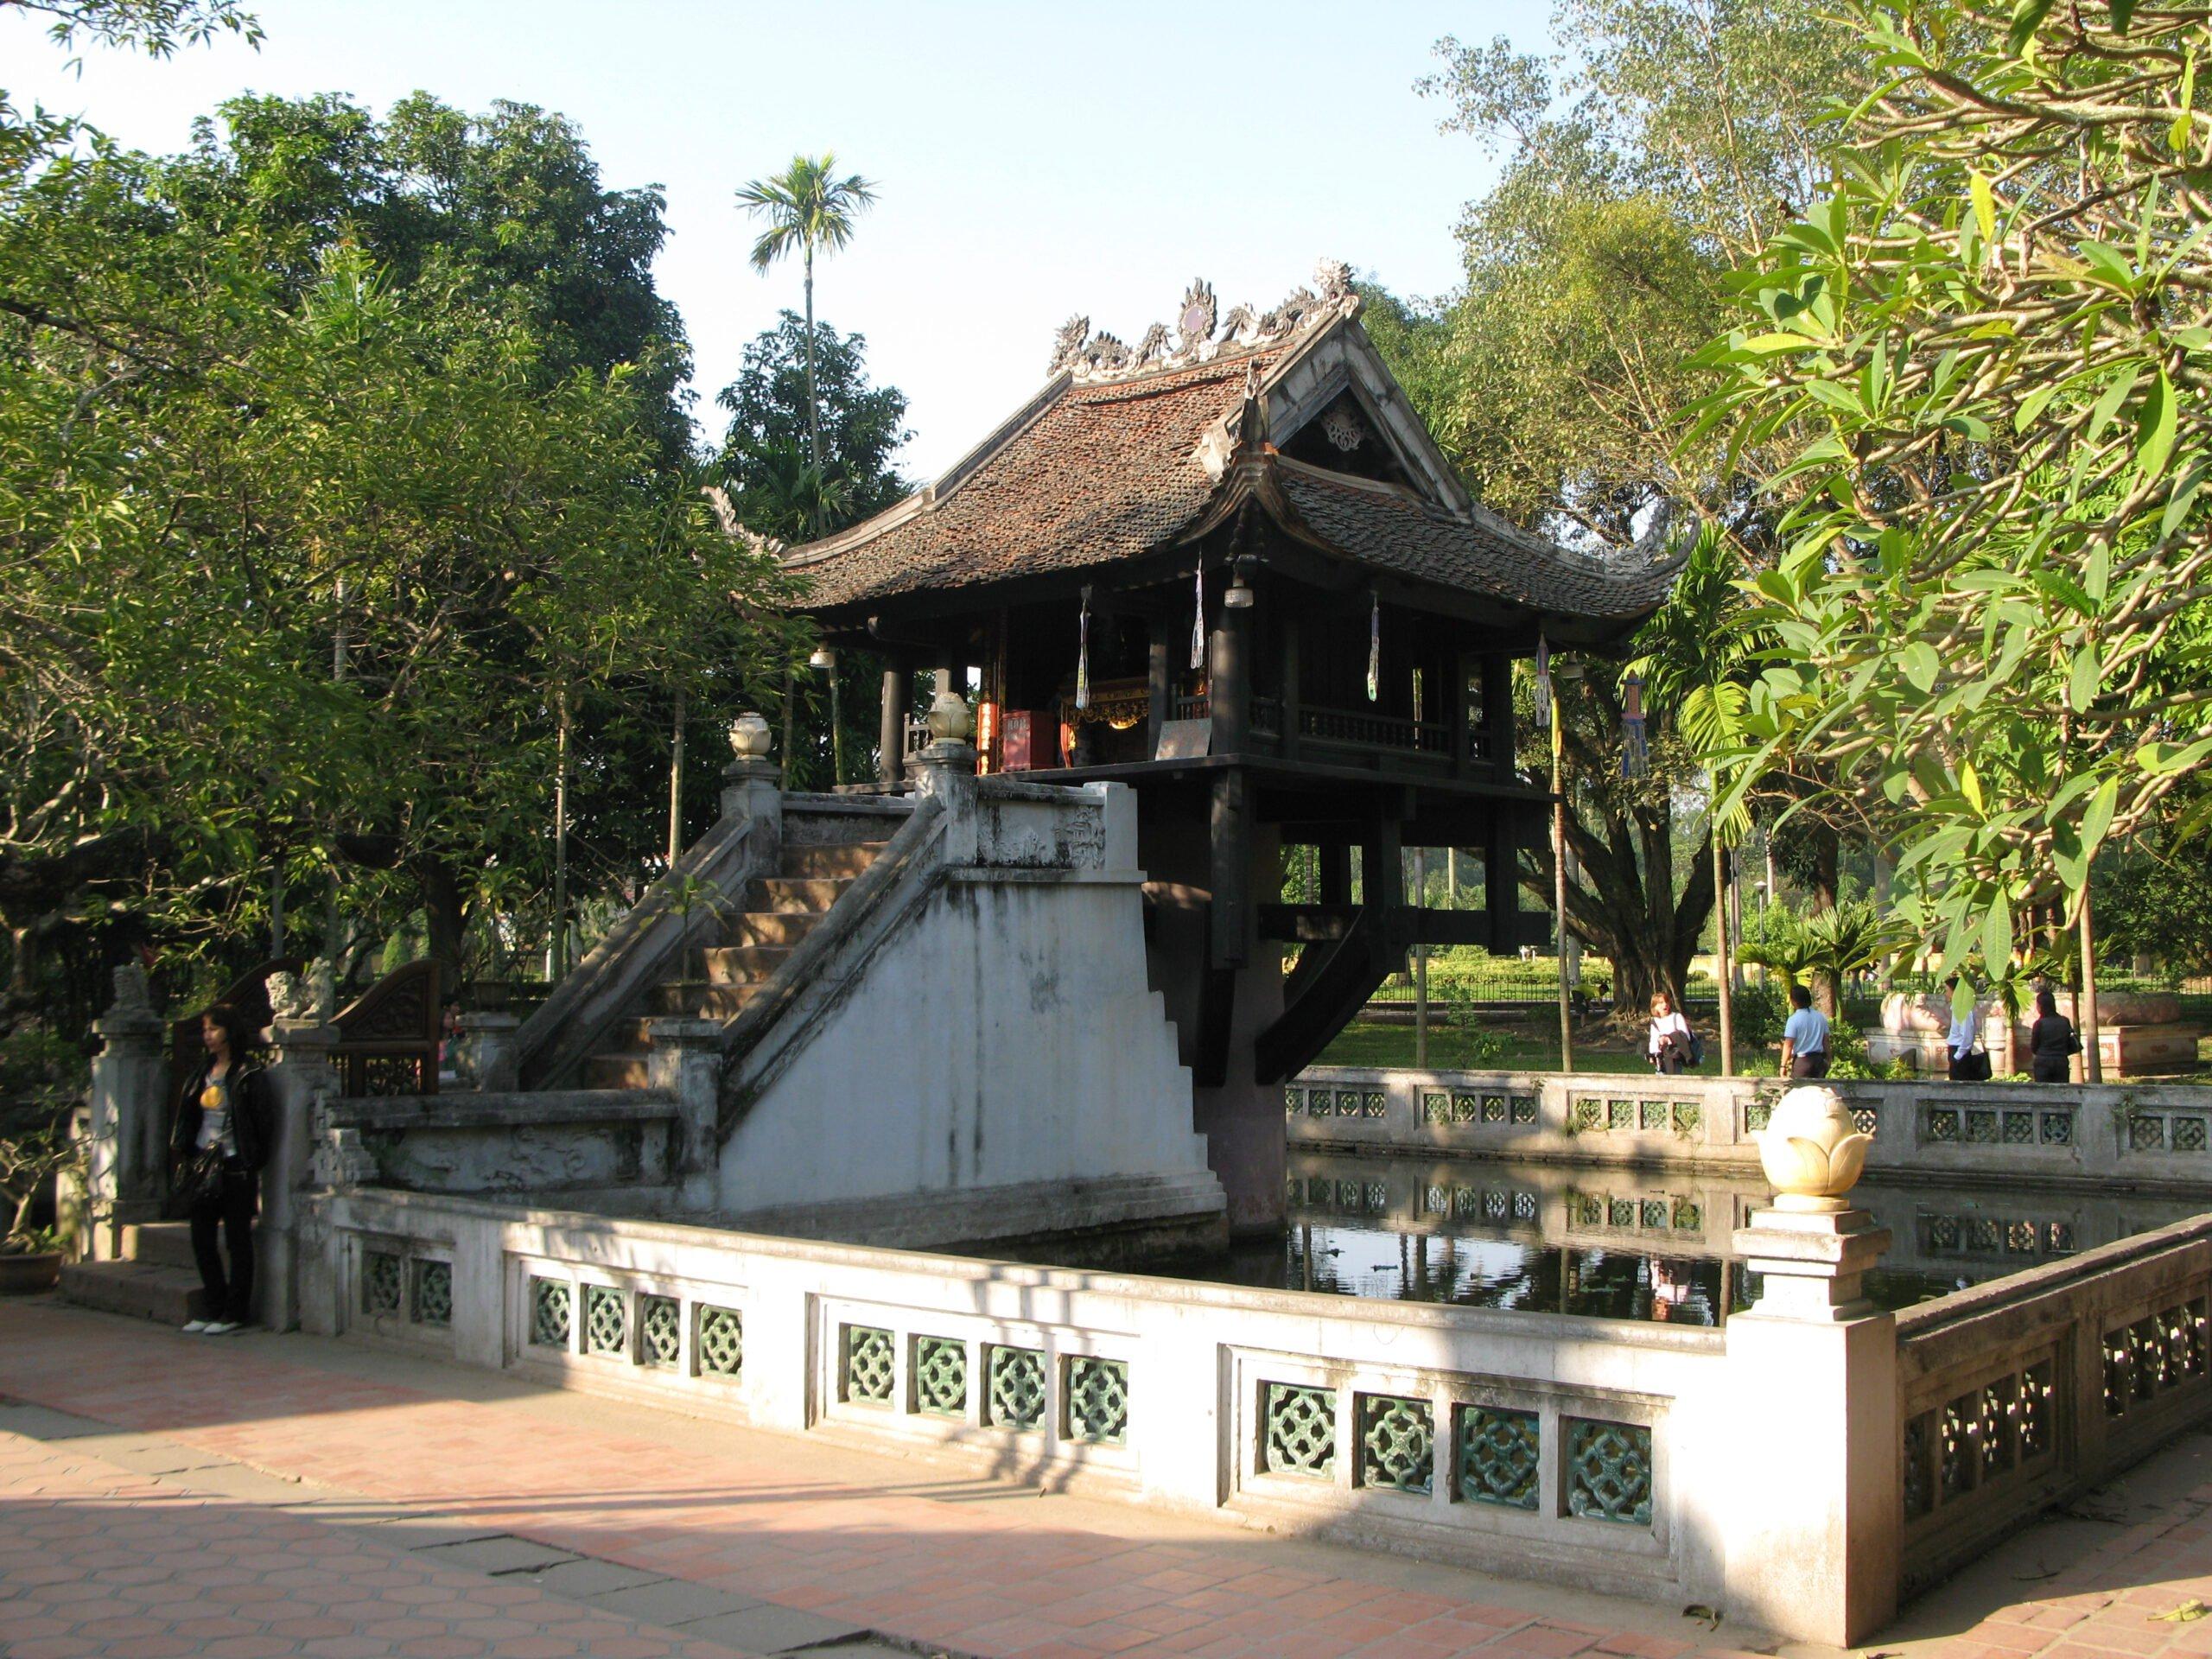 Giới thiệu chung về chùa Một Cột